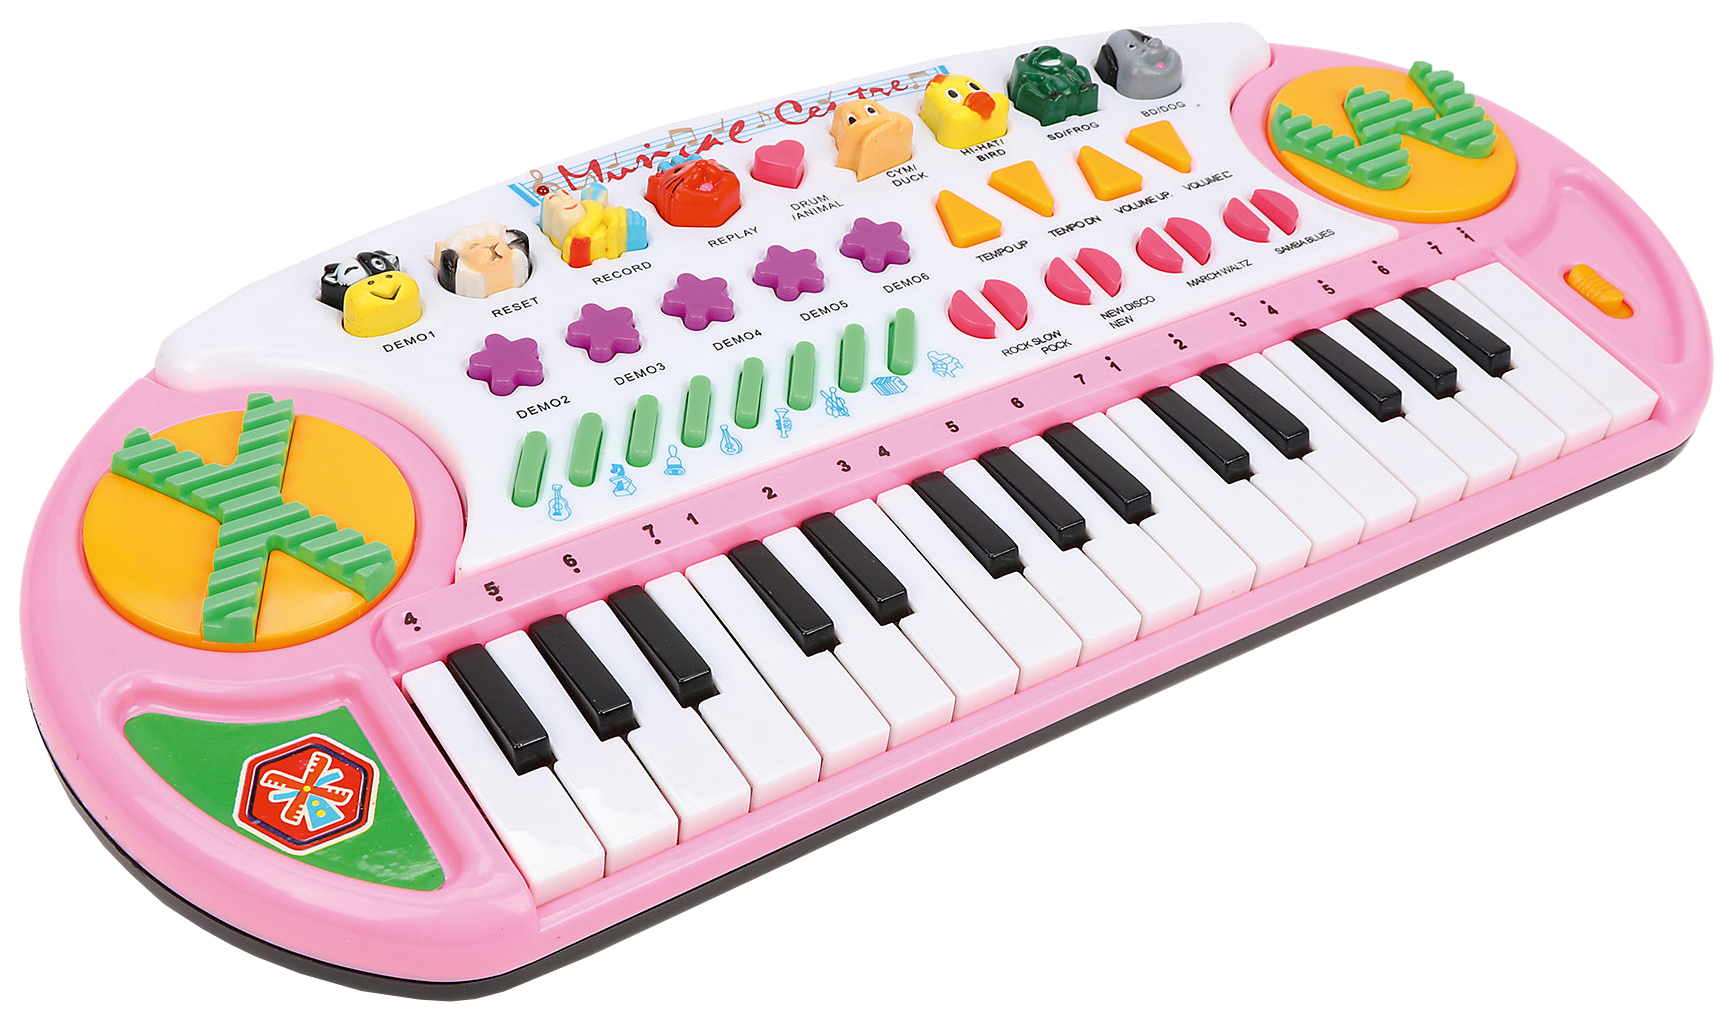 Купить Детский синтезатор, 32 клавиши Shantou, Shantou Gepai, Детские музыкальные инструменты